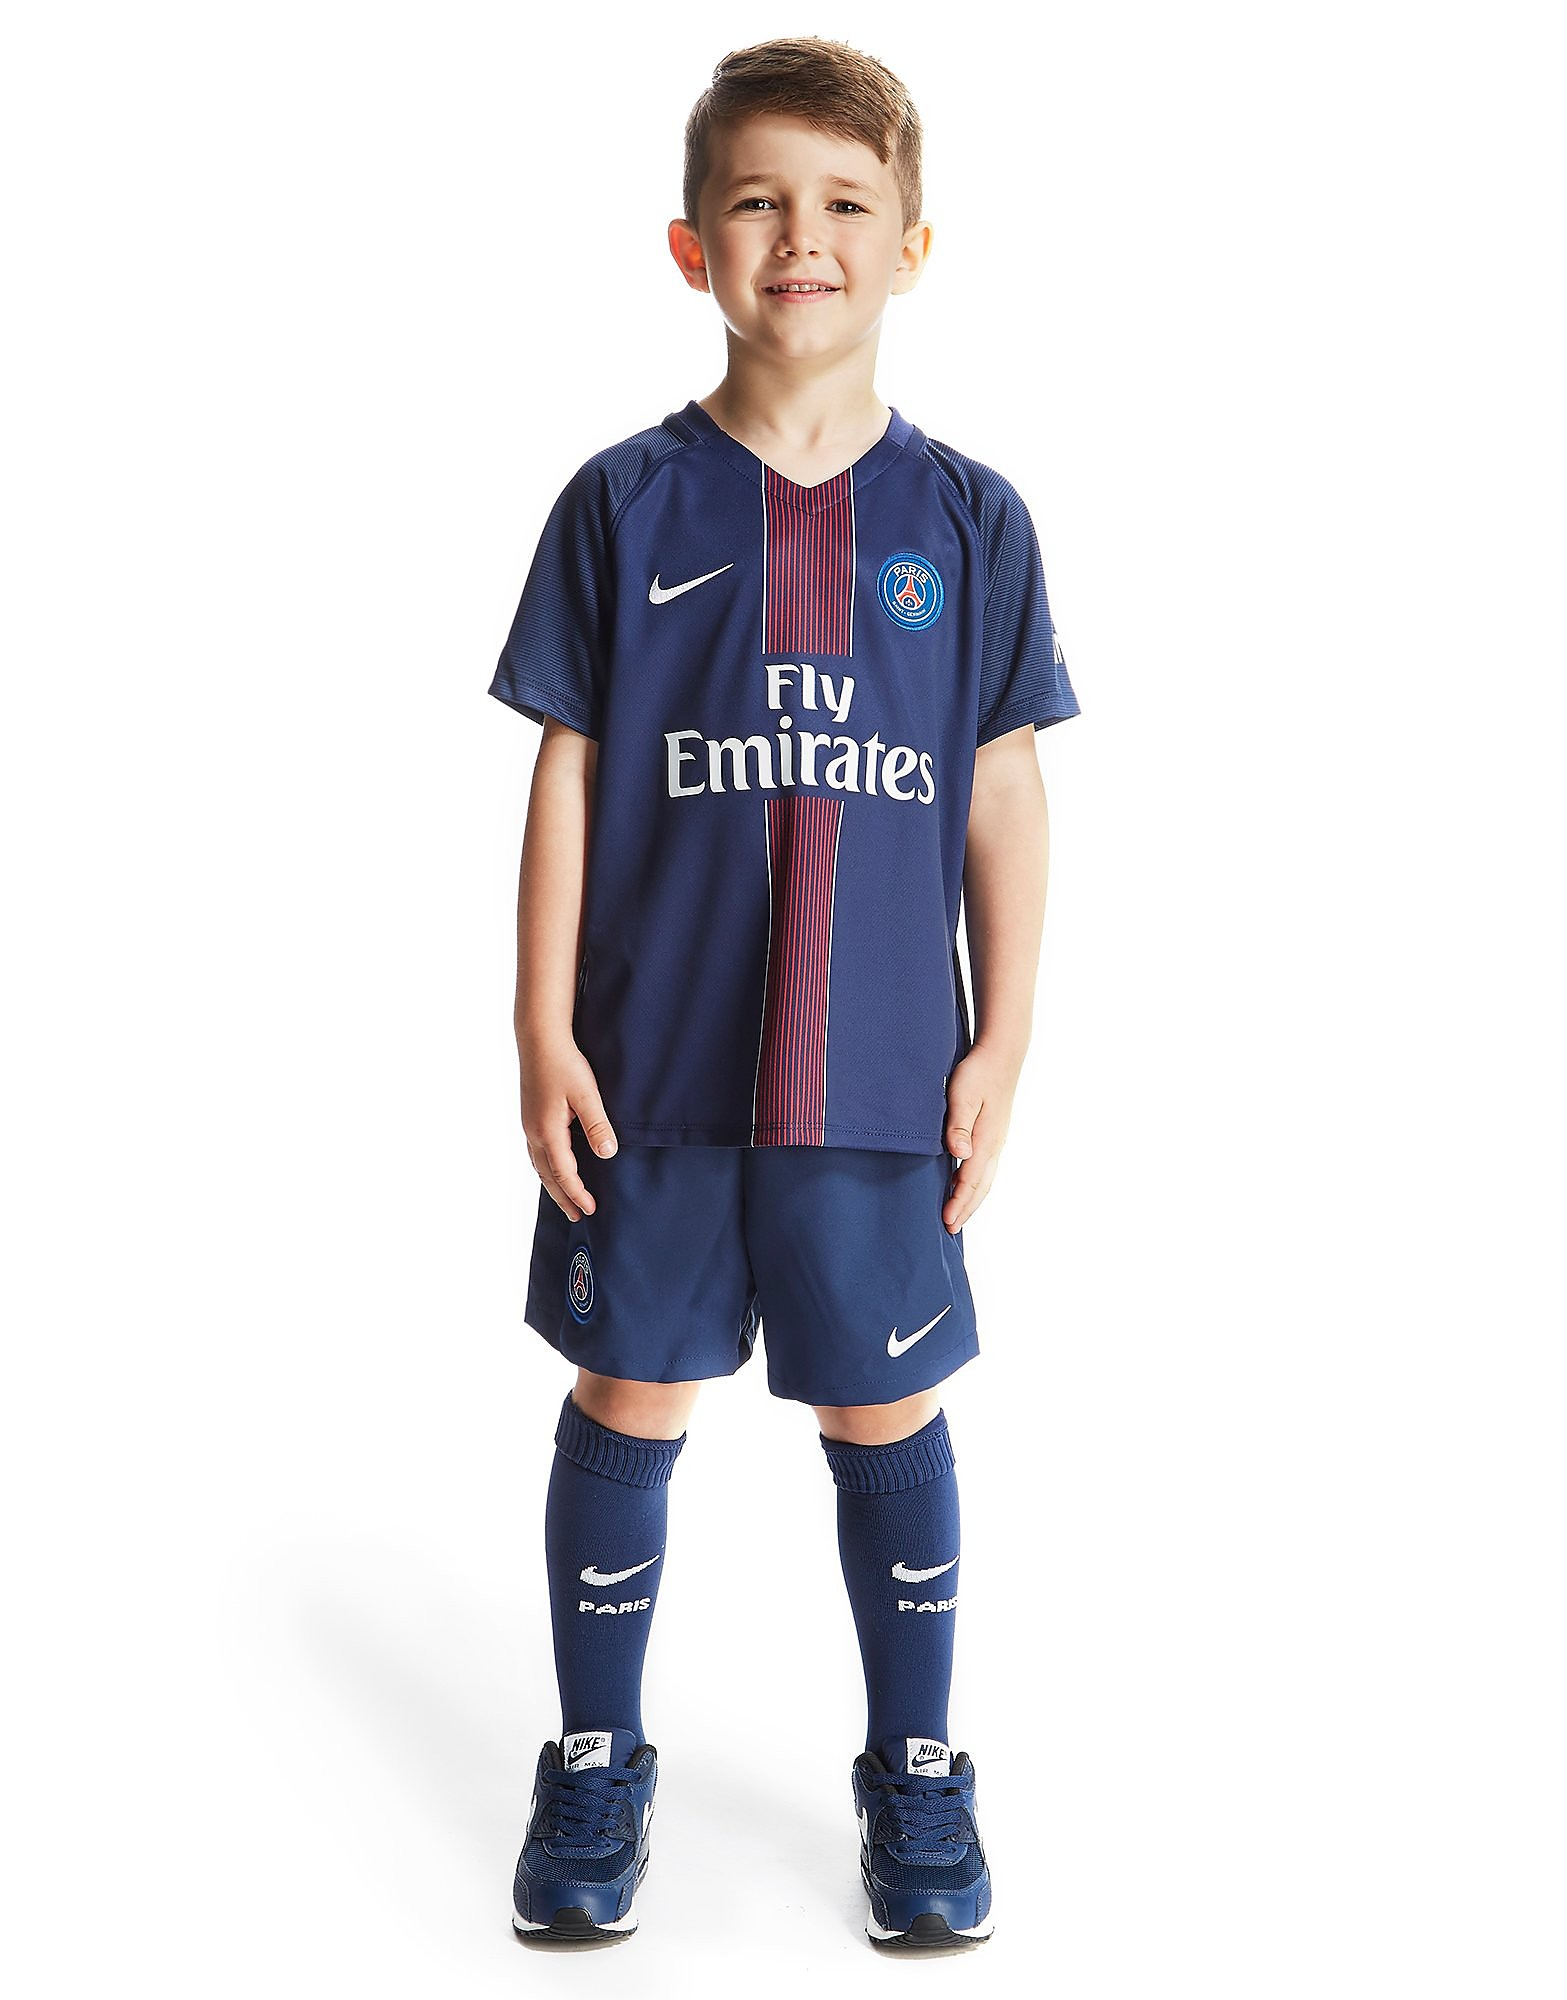 Nike Paris Saint Germain Home 2016/17 Kit Children